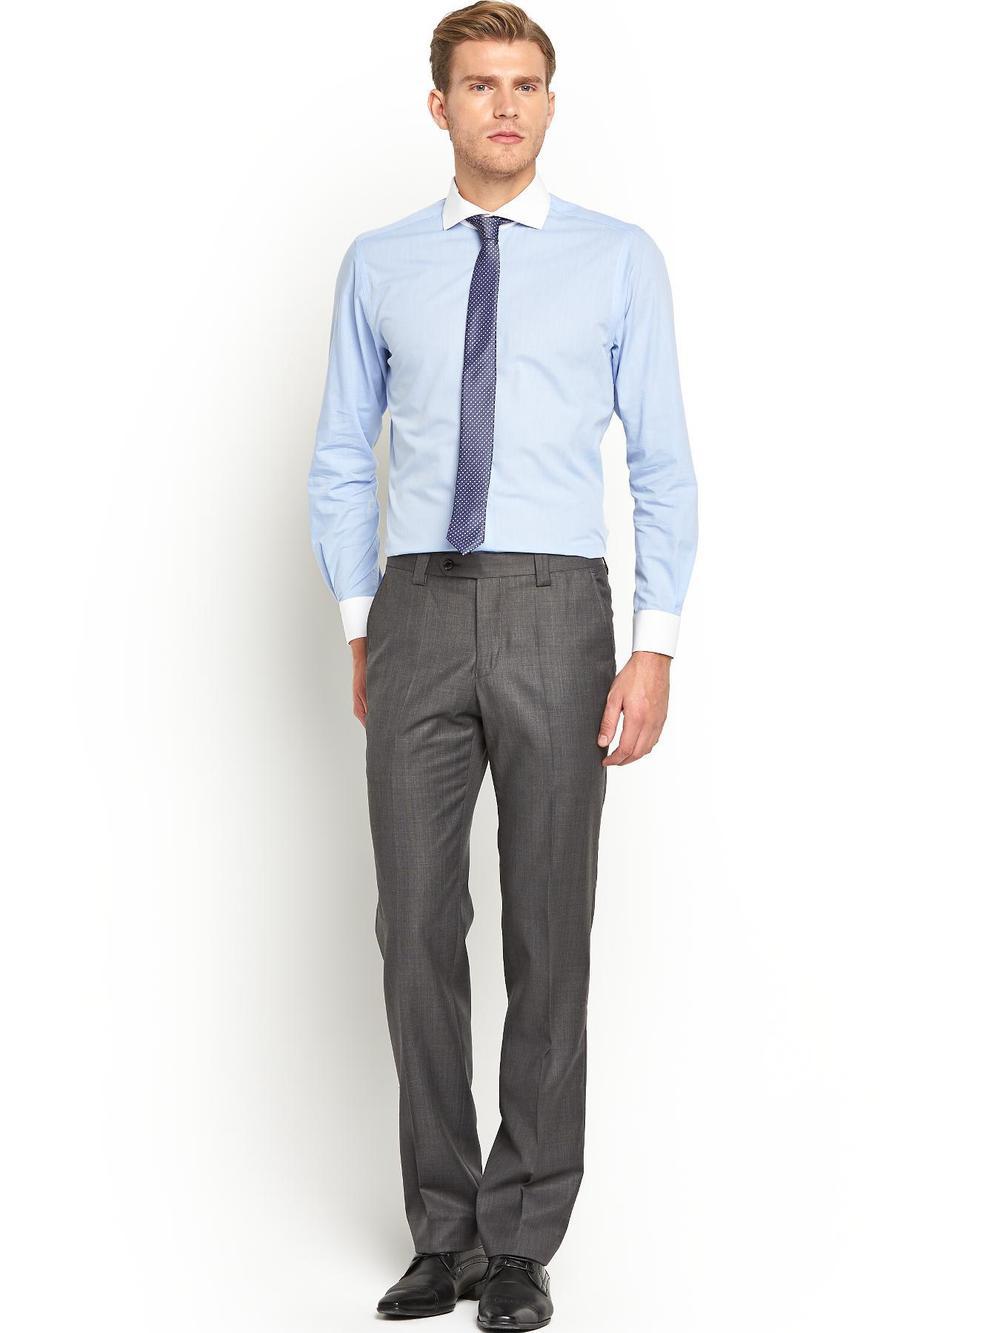 Mens Cutaway Collar Formal Shirt U0026 Pants - Buy Formal Shirts U0026 PantsMens Cutaway Collar Shirt ...